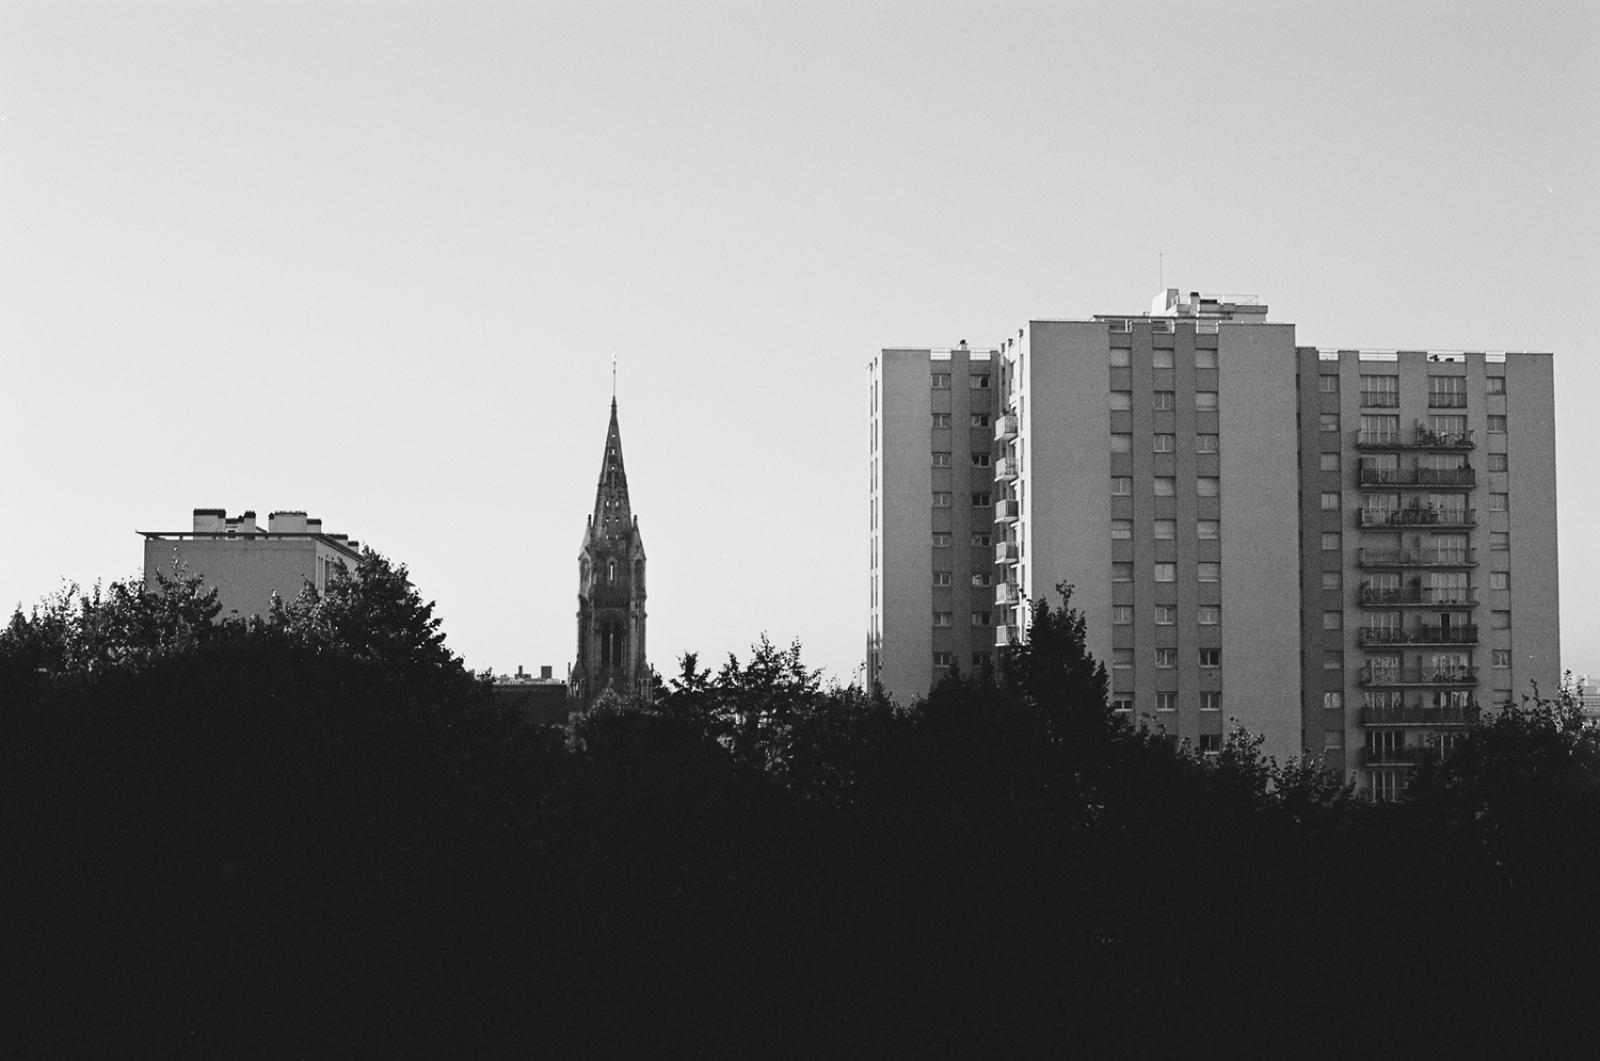 Paris Photo by Adrian Unger